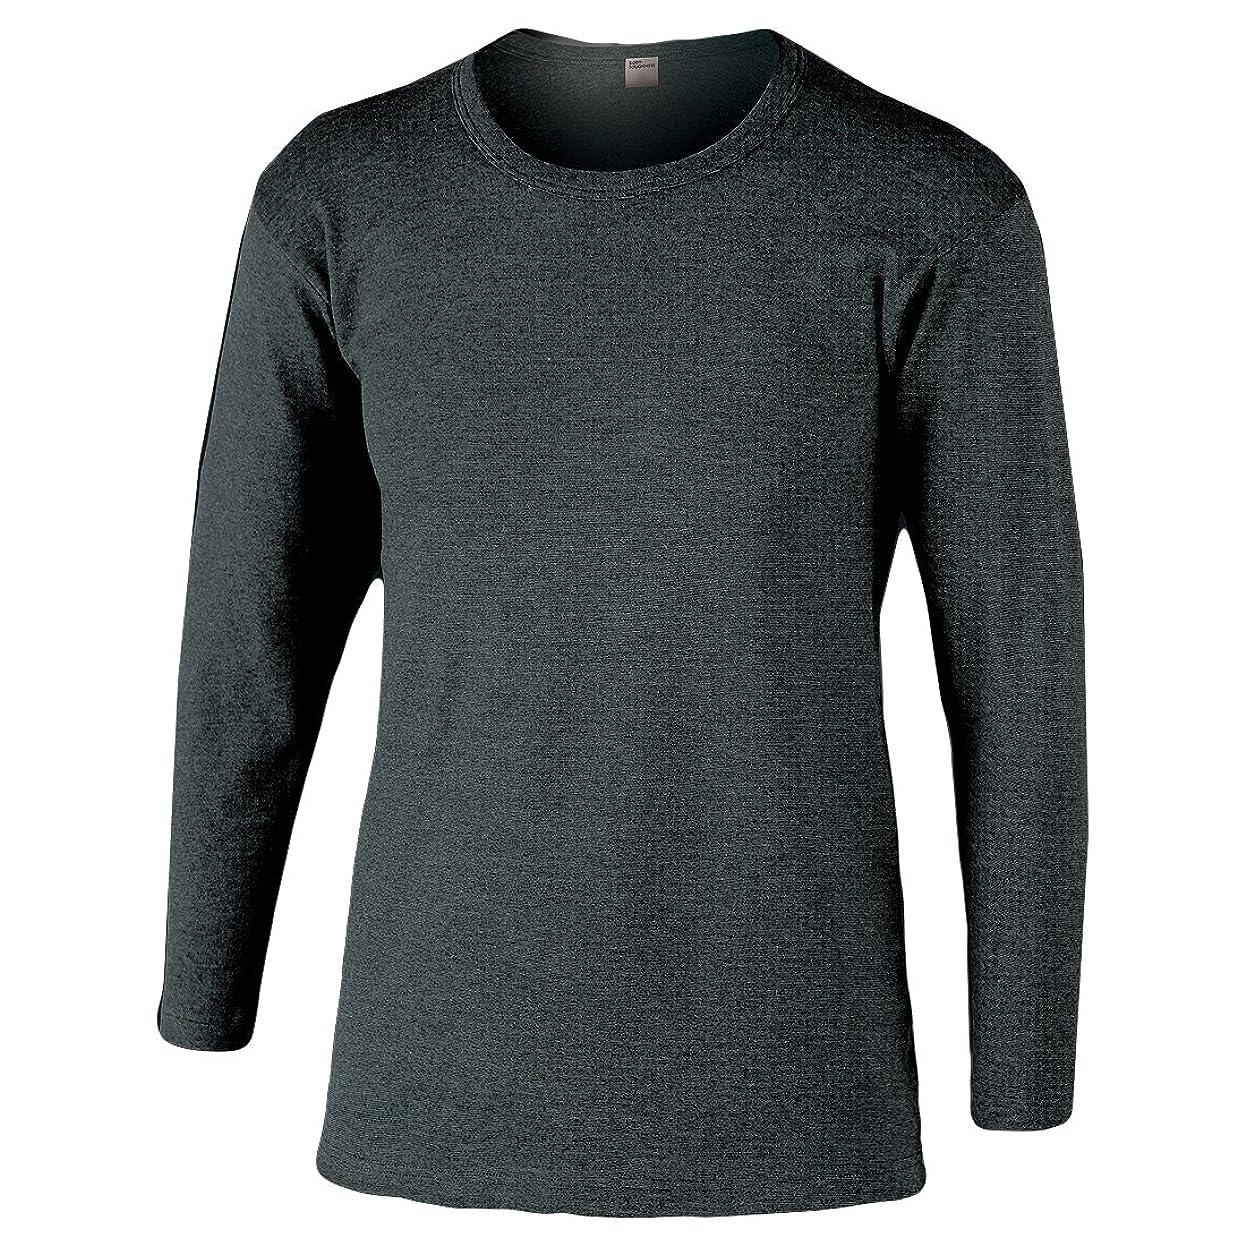 おたふく手袋 ボディータフネス 発熱?保温 テックサーモ インナーシャツ 長袖丸首 モクグレー M JW-169